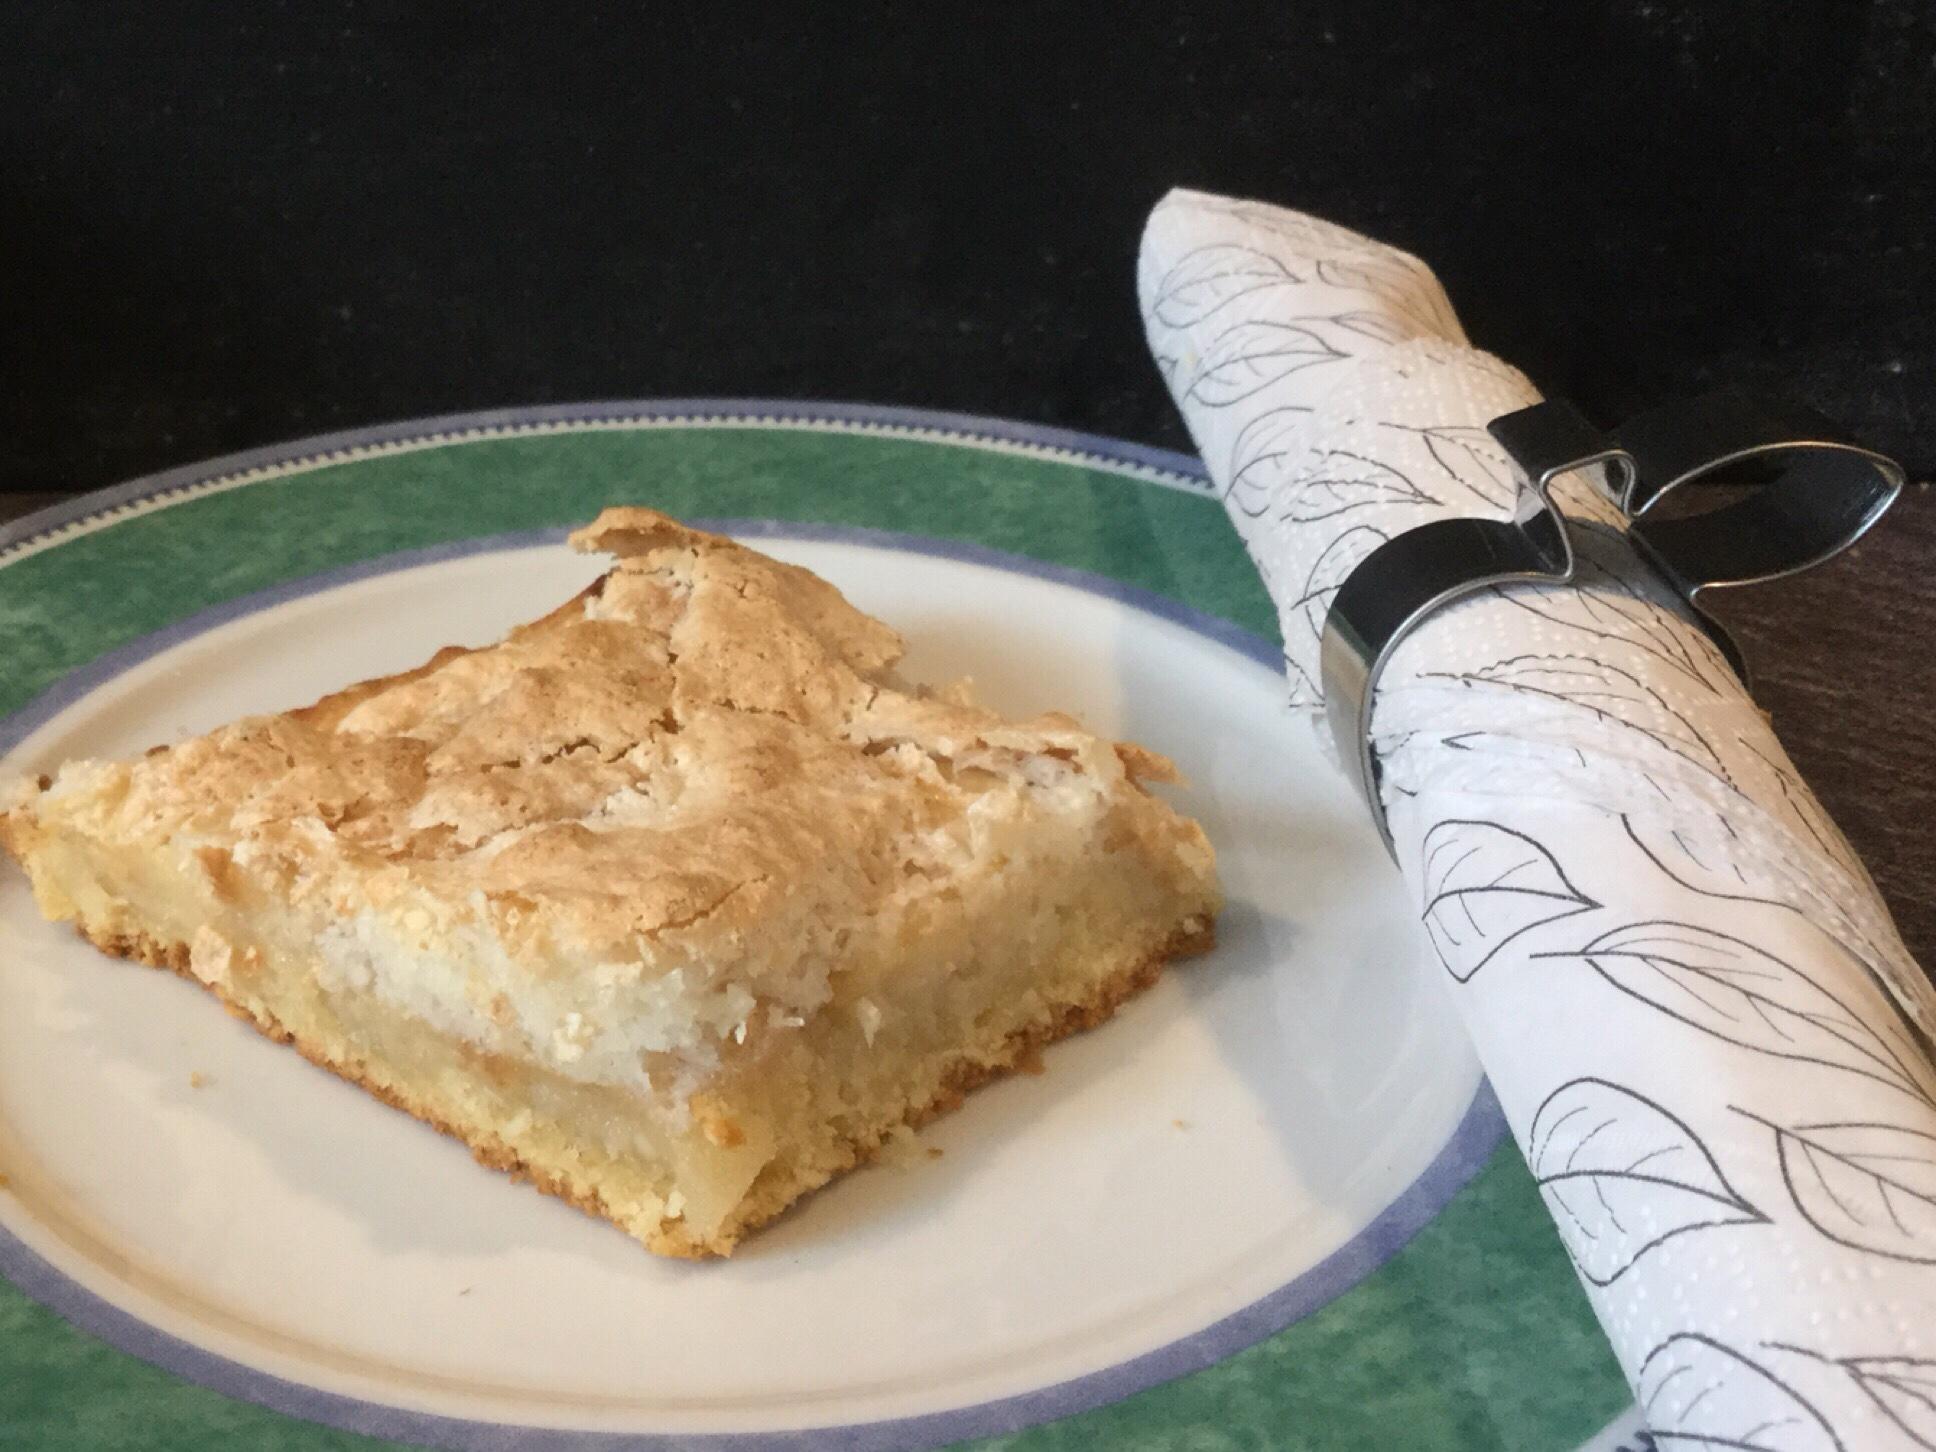 #Sonntagsglück – oder – Apfel, Mandel, Kokos= Ein Apfelkuchen, der glücklich macht